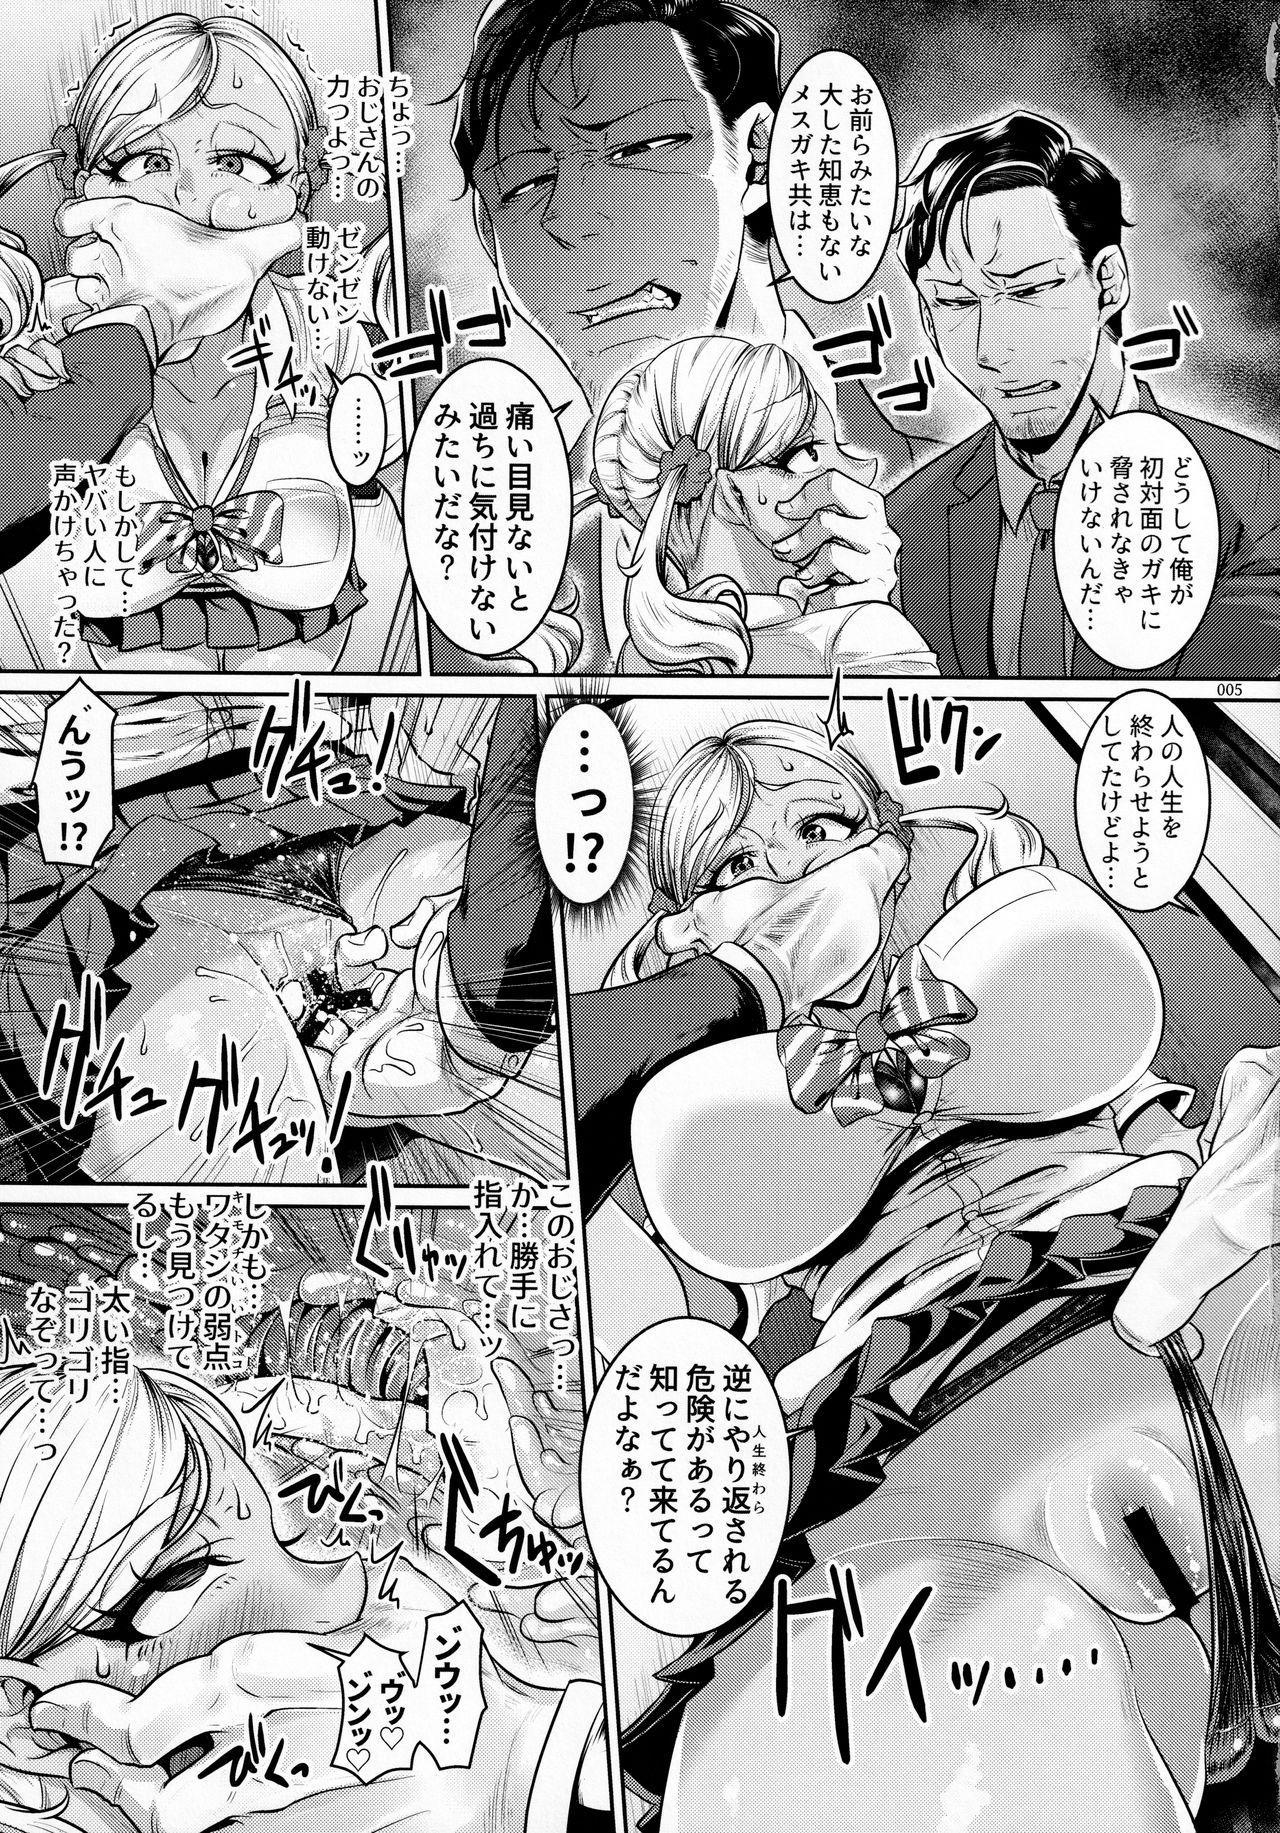 Yonaoshi ojisan VS chikan enzai gurogyaru JK 3